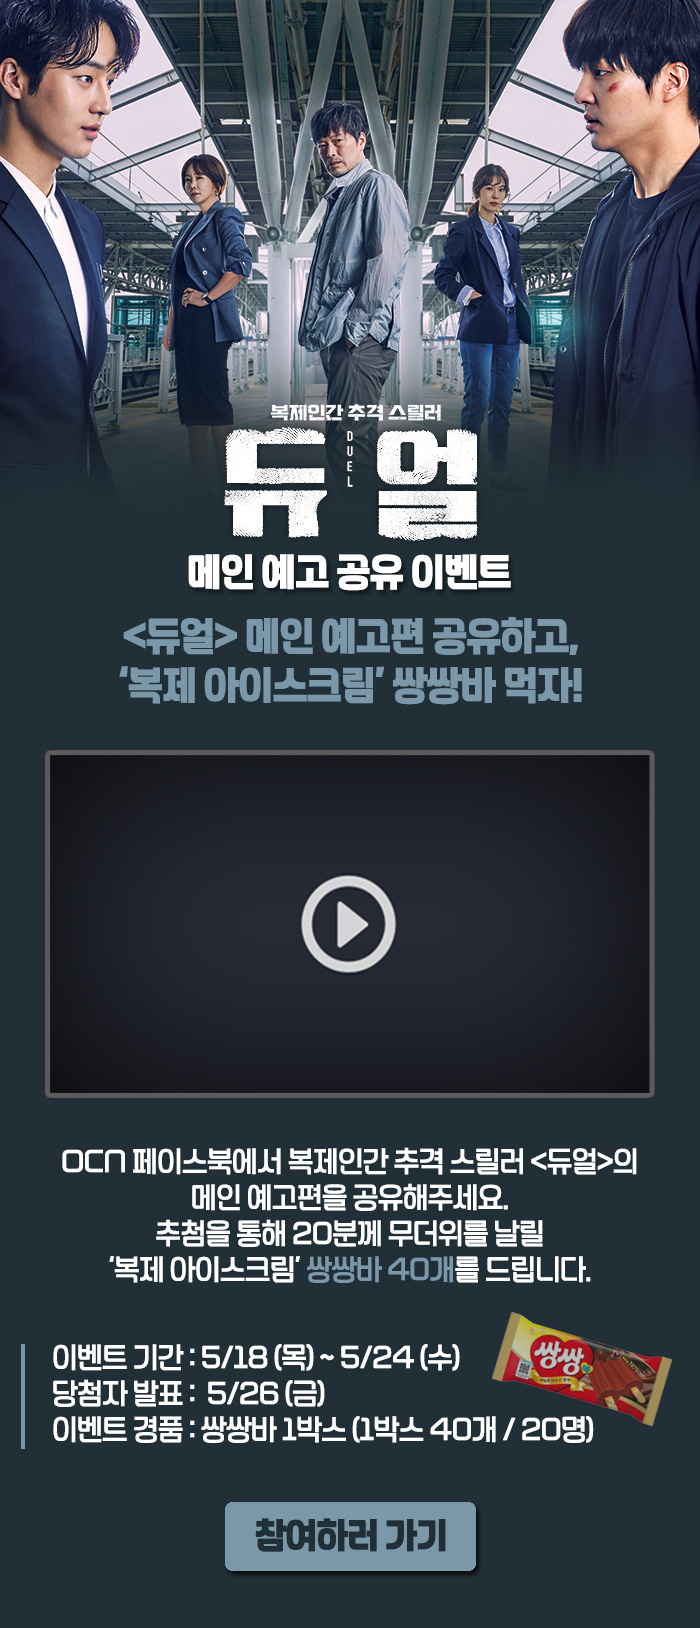 [듀얼] 메인 예고영상 공유 이벤트